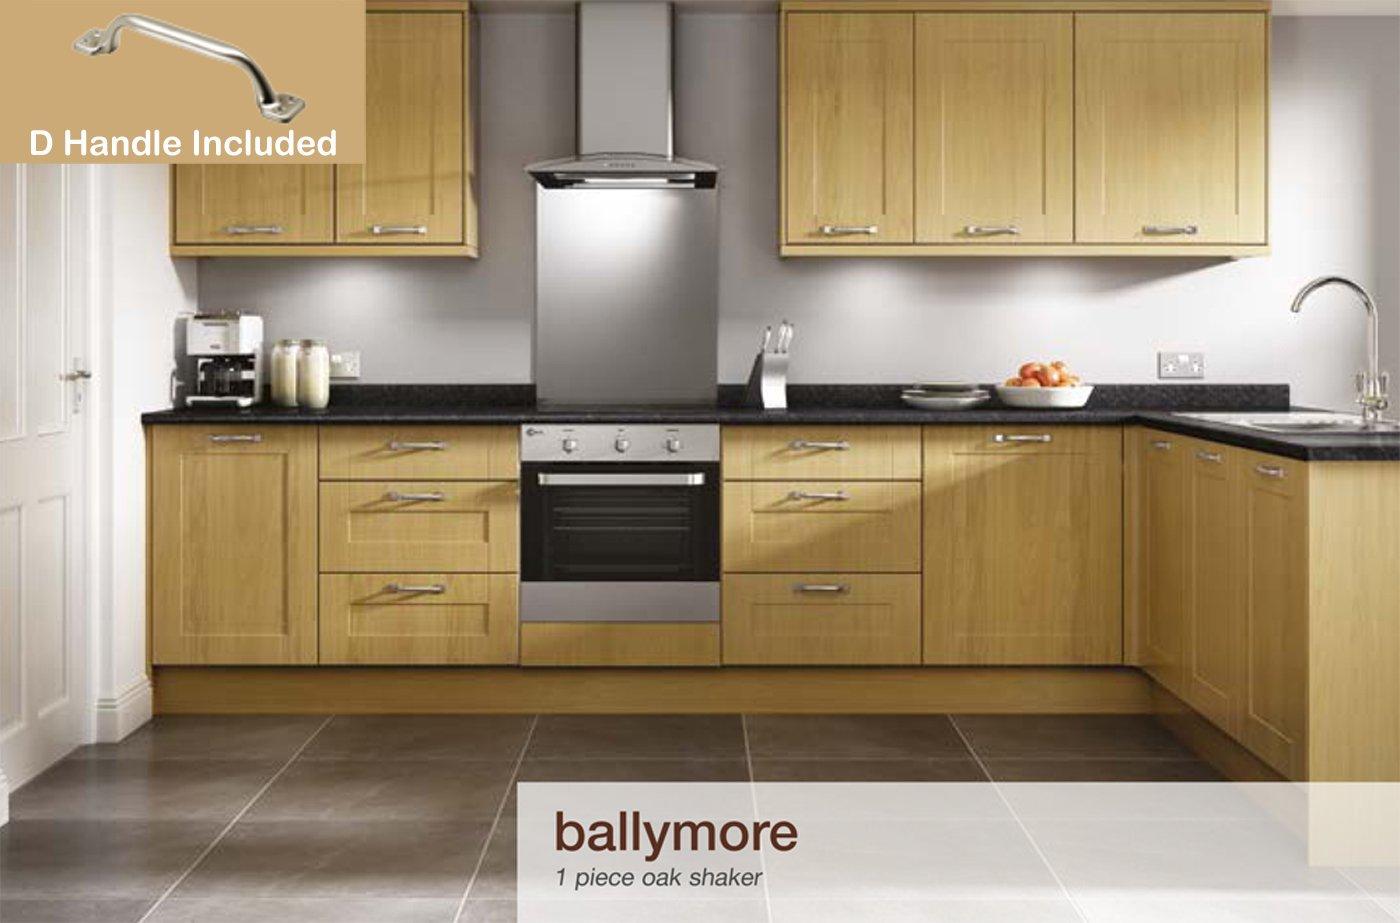 Ballymore Shaker Oak Kitchen Units (2.4m Plinth) Bretton Park